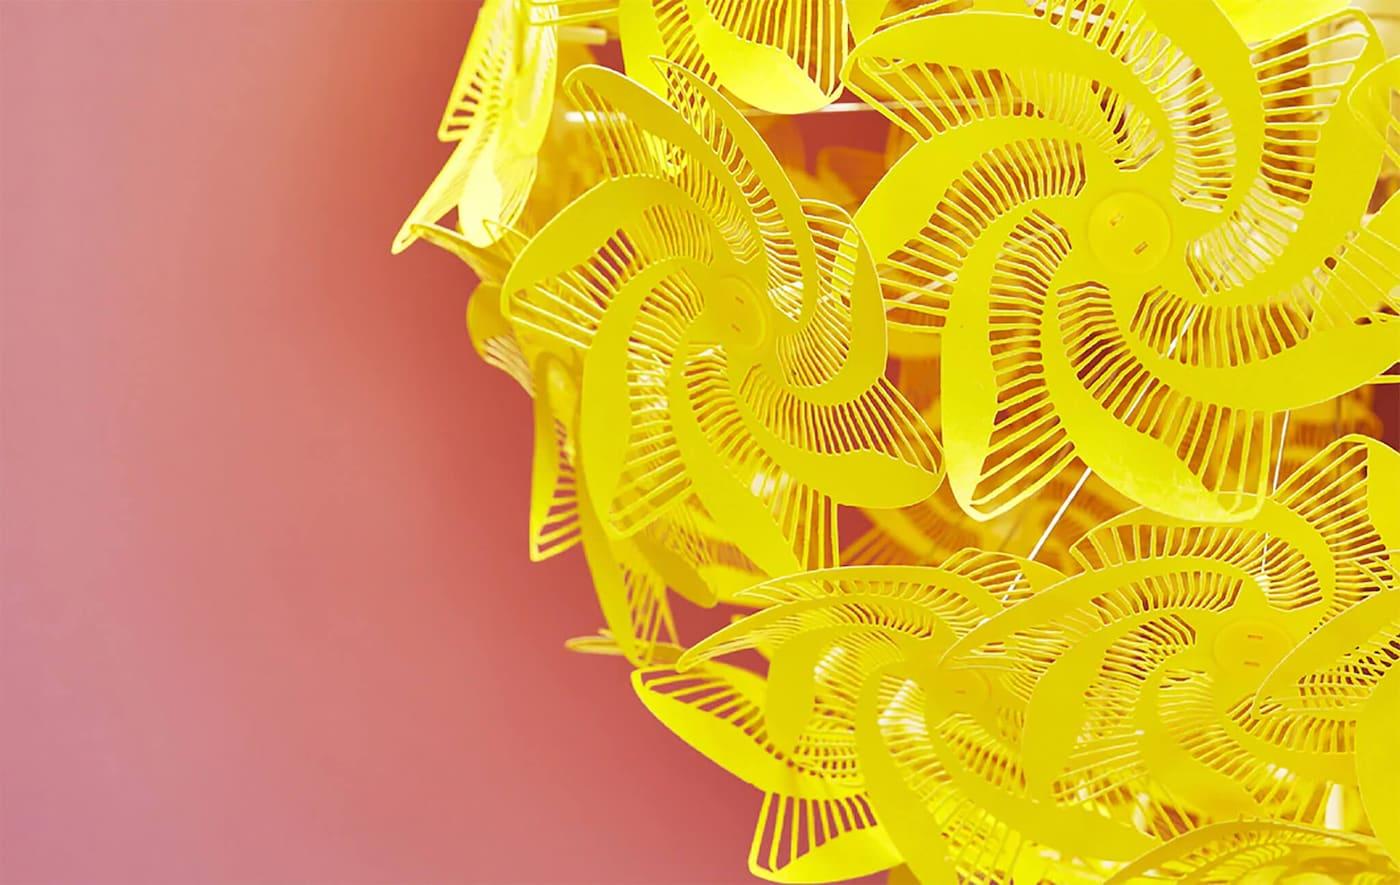 Крупным планом светильник с желтыми прорезями на красном фоне.